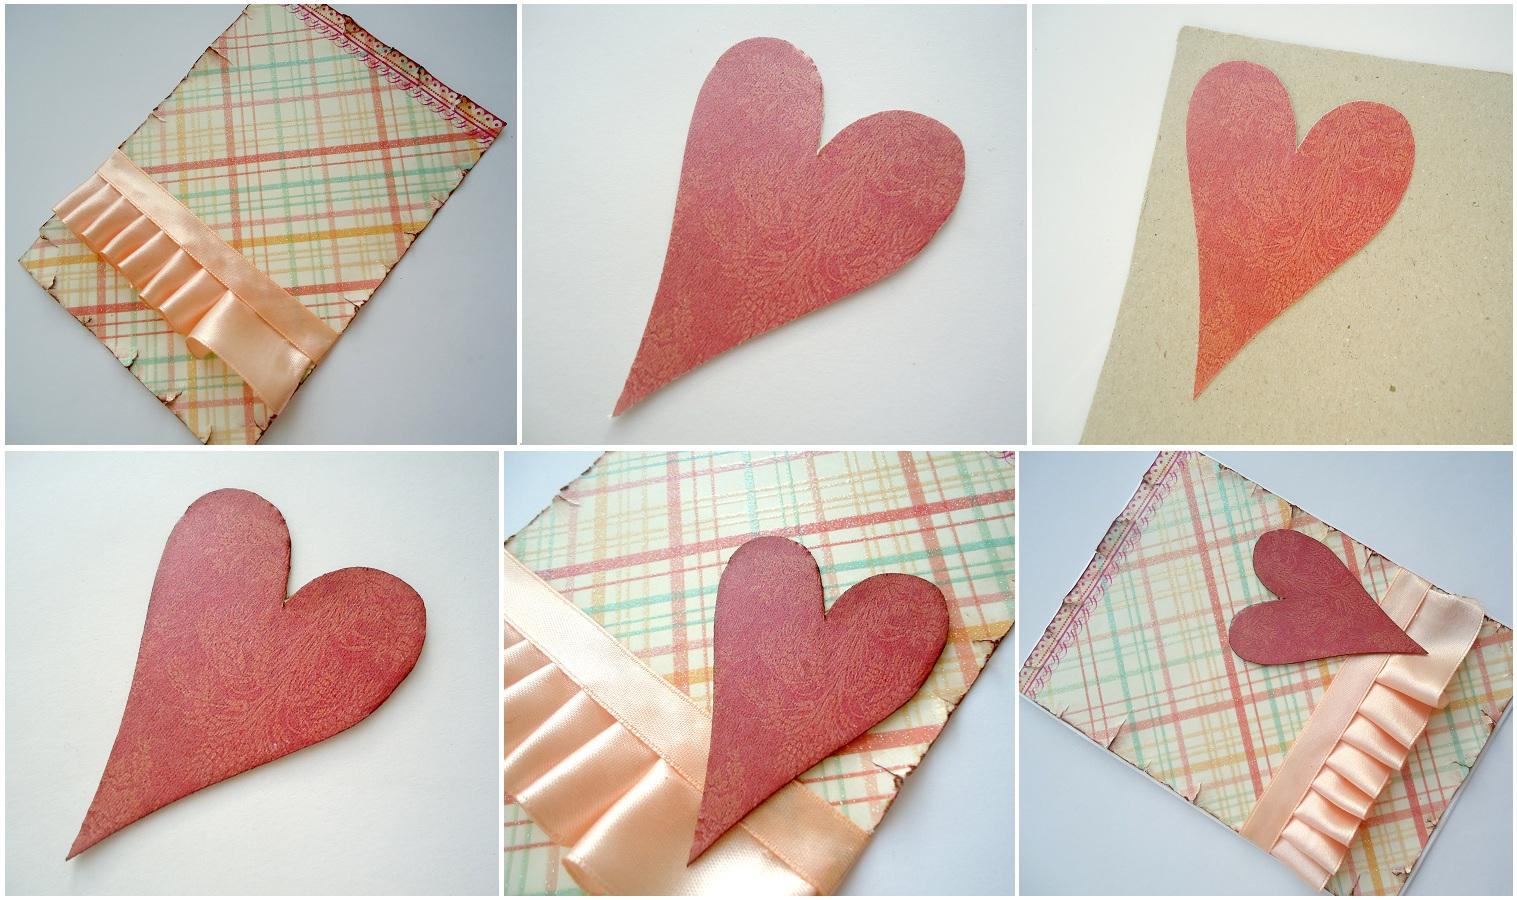 Как сделать открытки своими руками из скрапбукинга